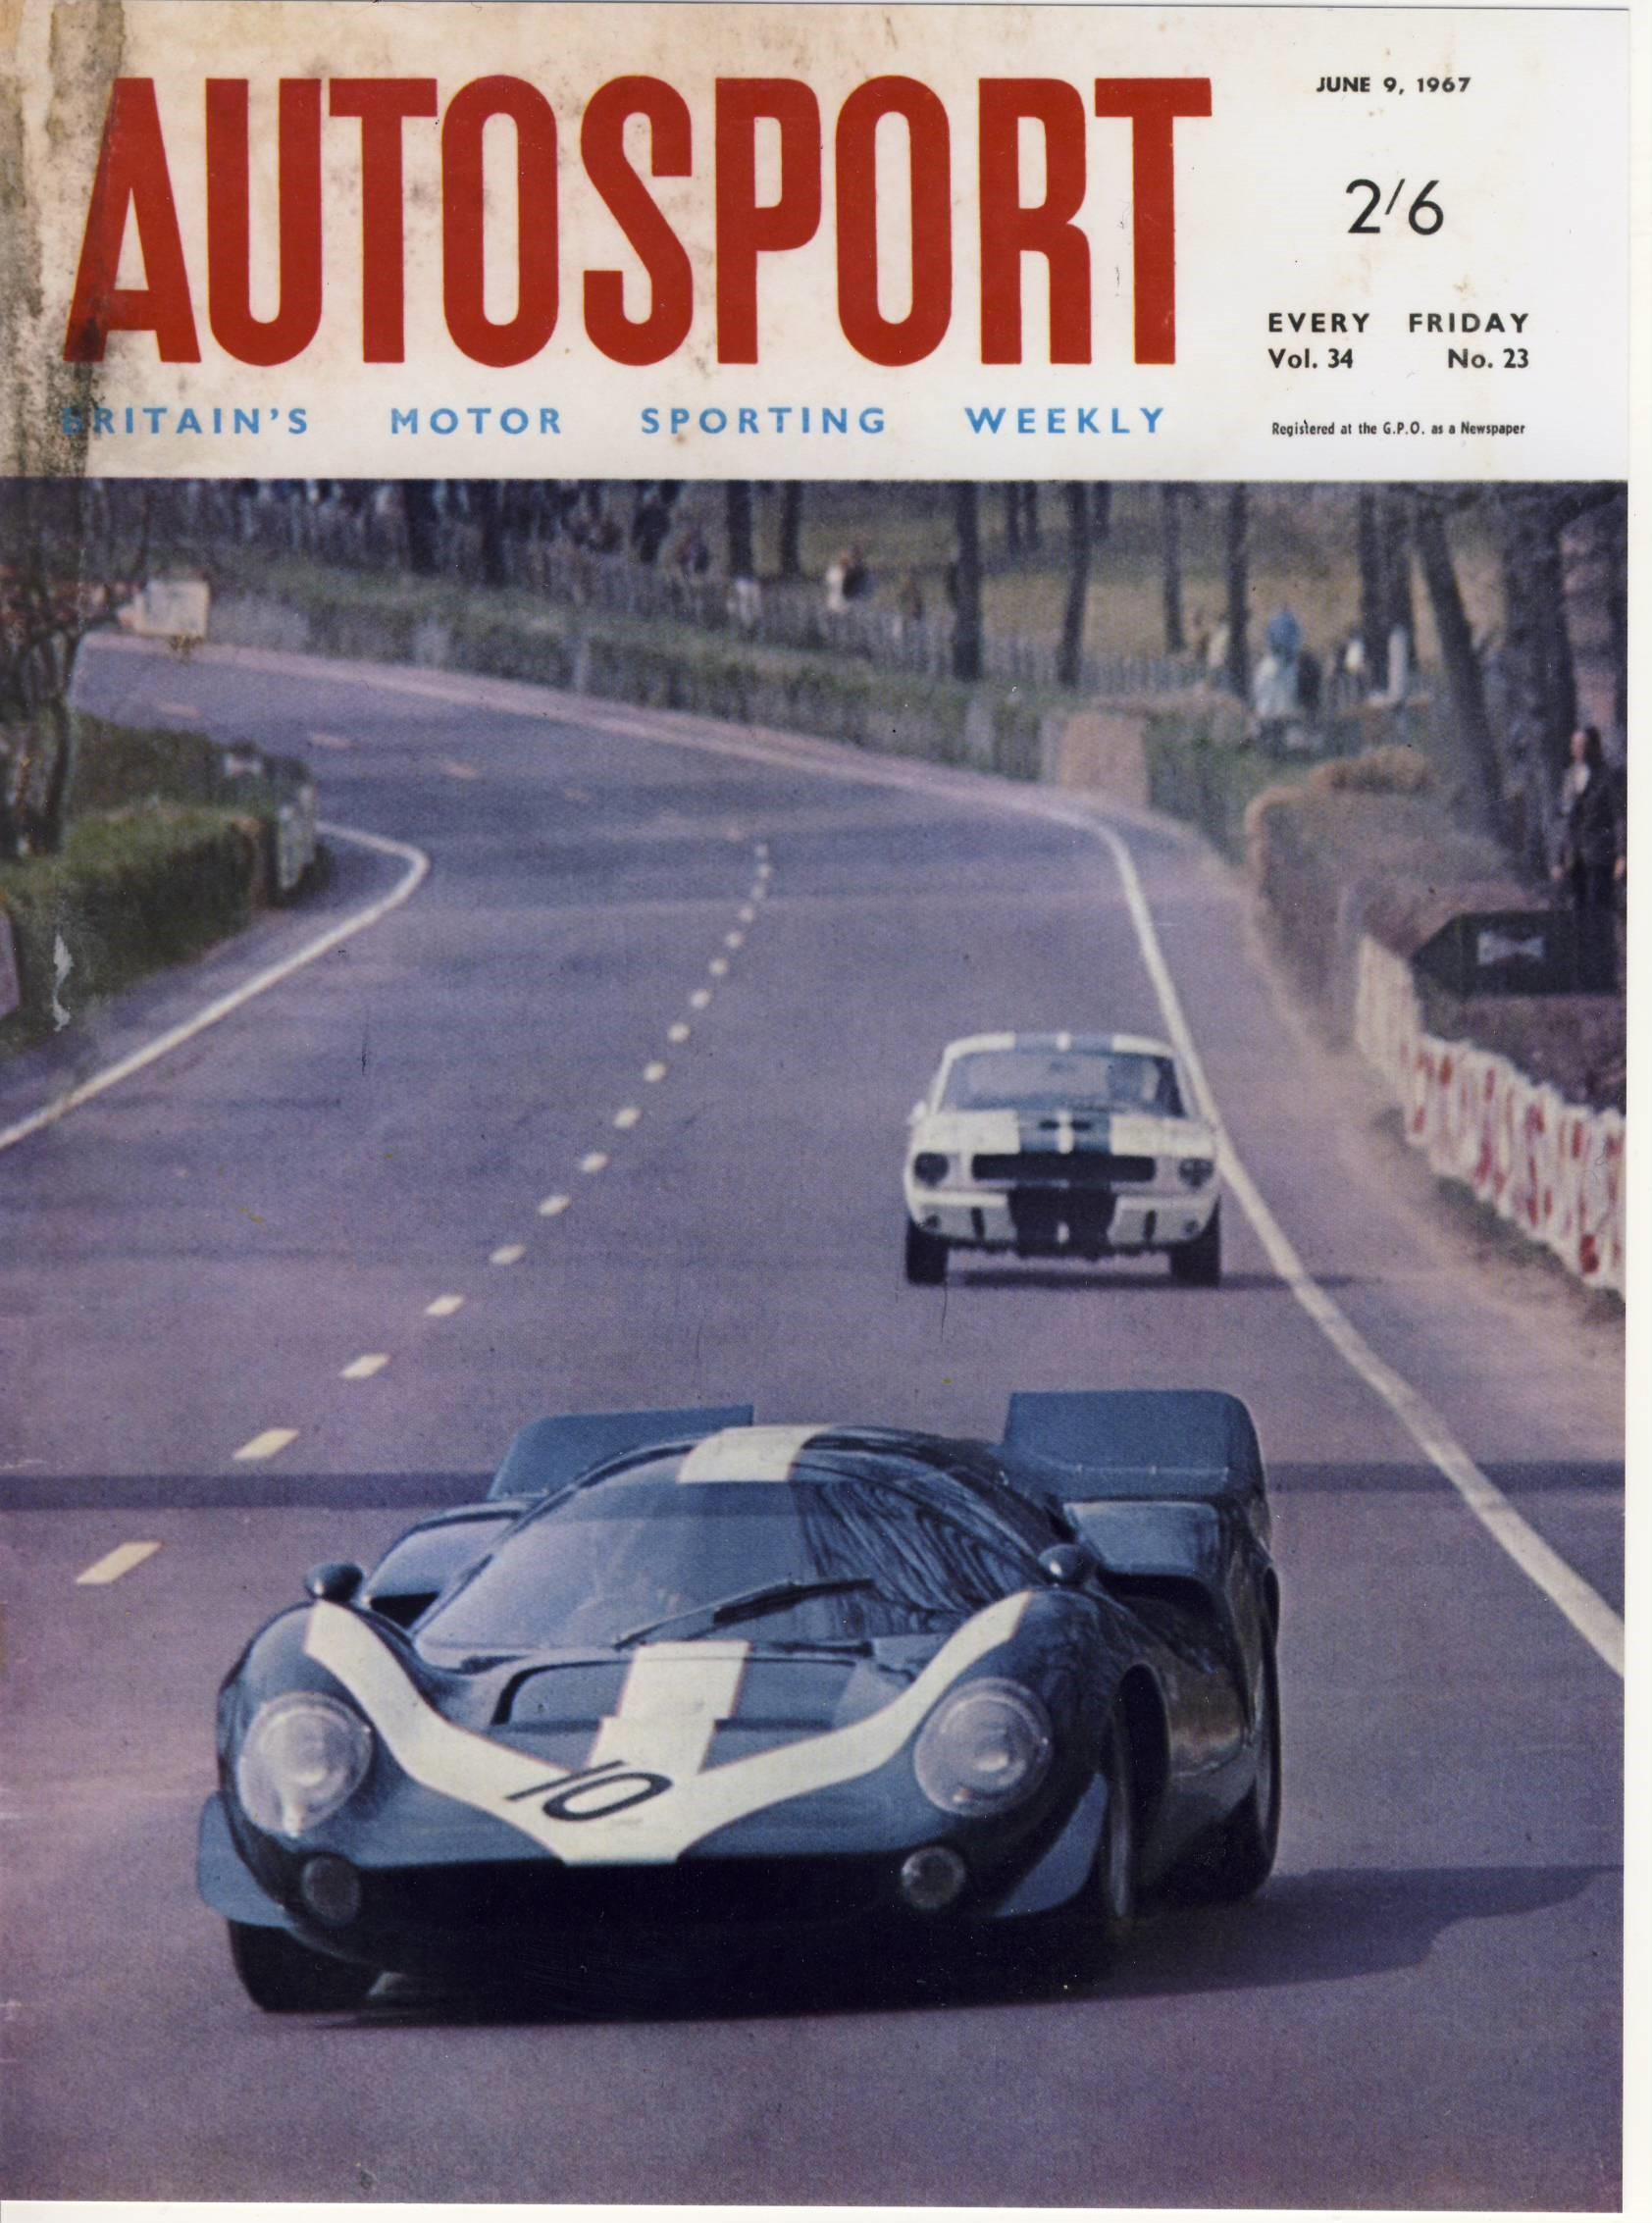 castrol-edge-pre-1966-le-mans-sports-gt